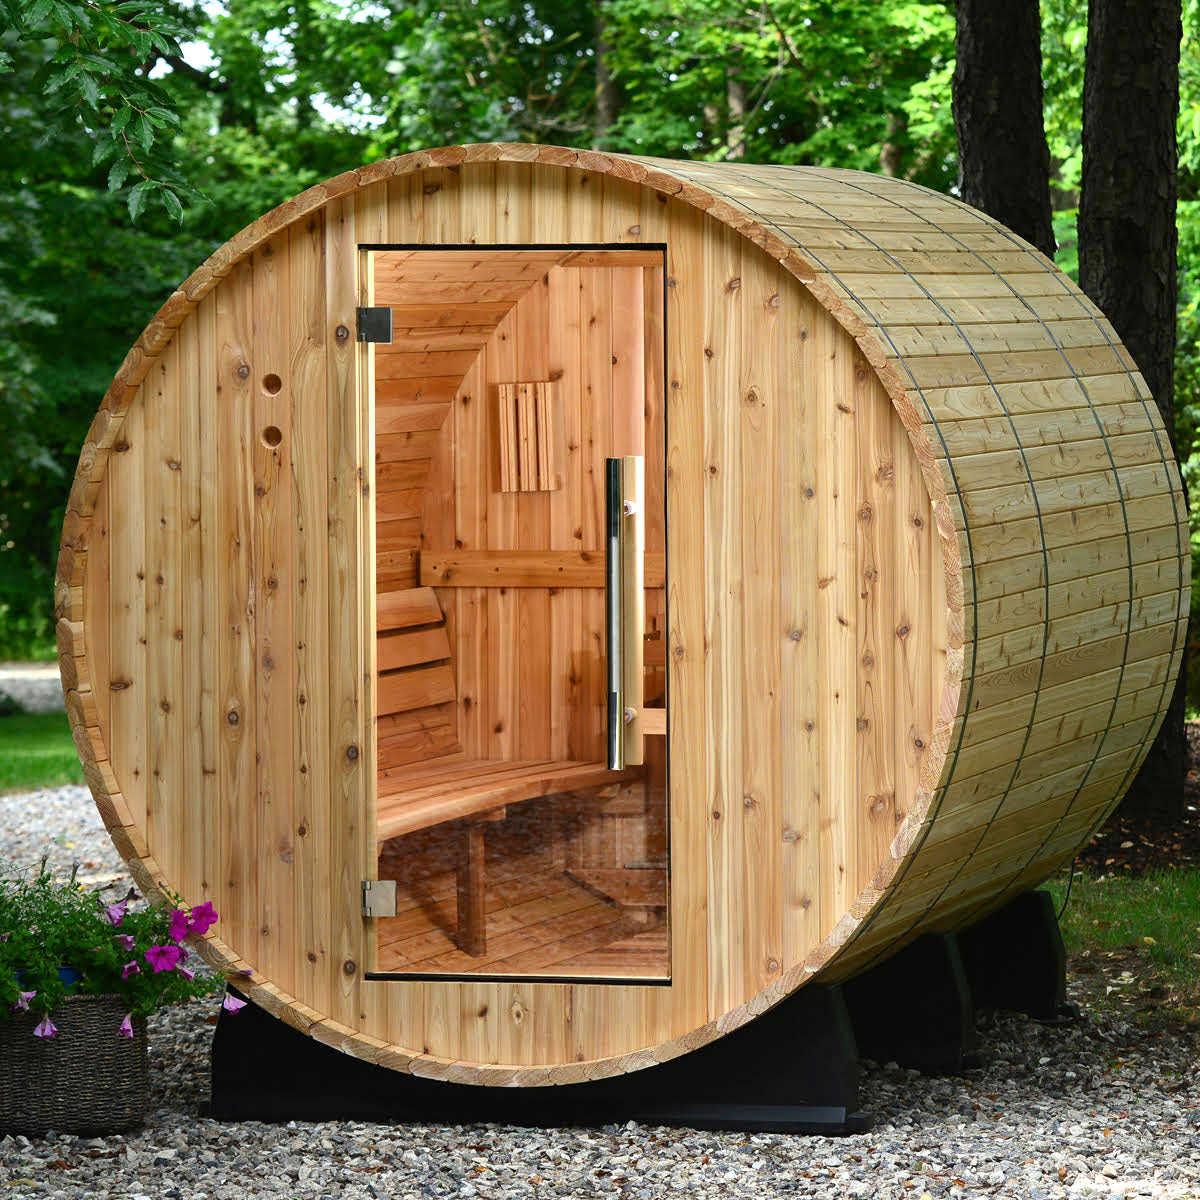 Home Sauna Kits Since 1974 almost heaven fayette 6-person steam sauna